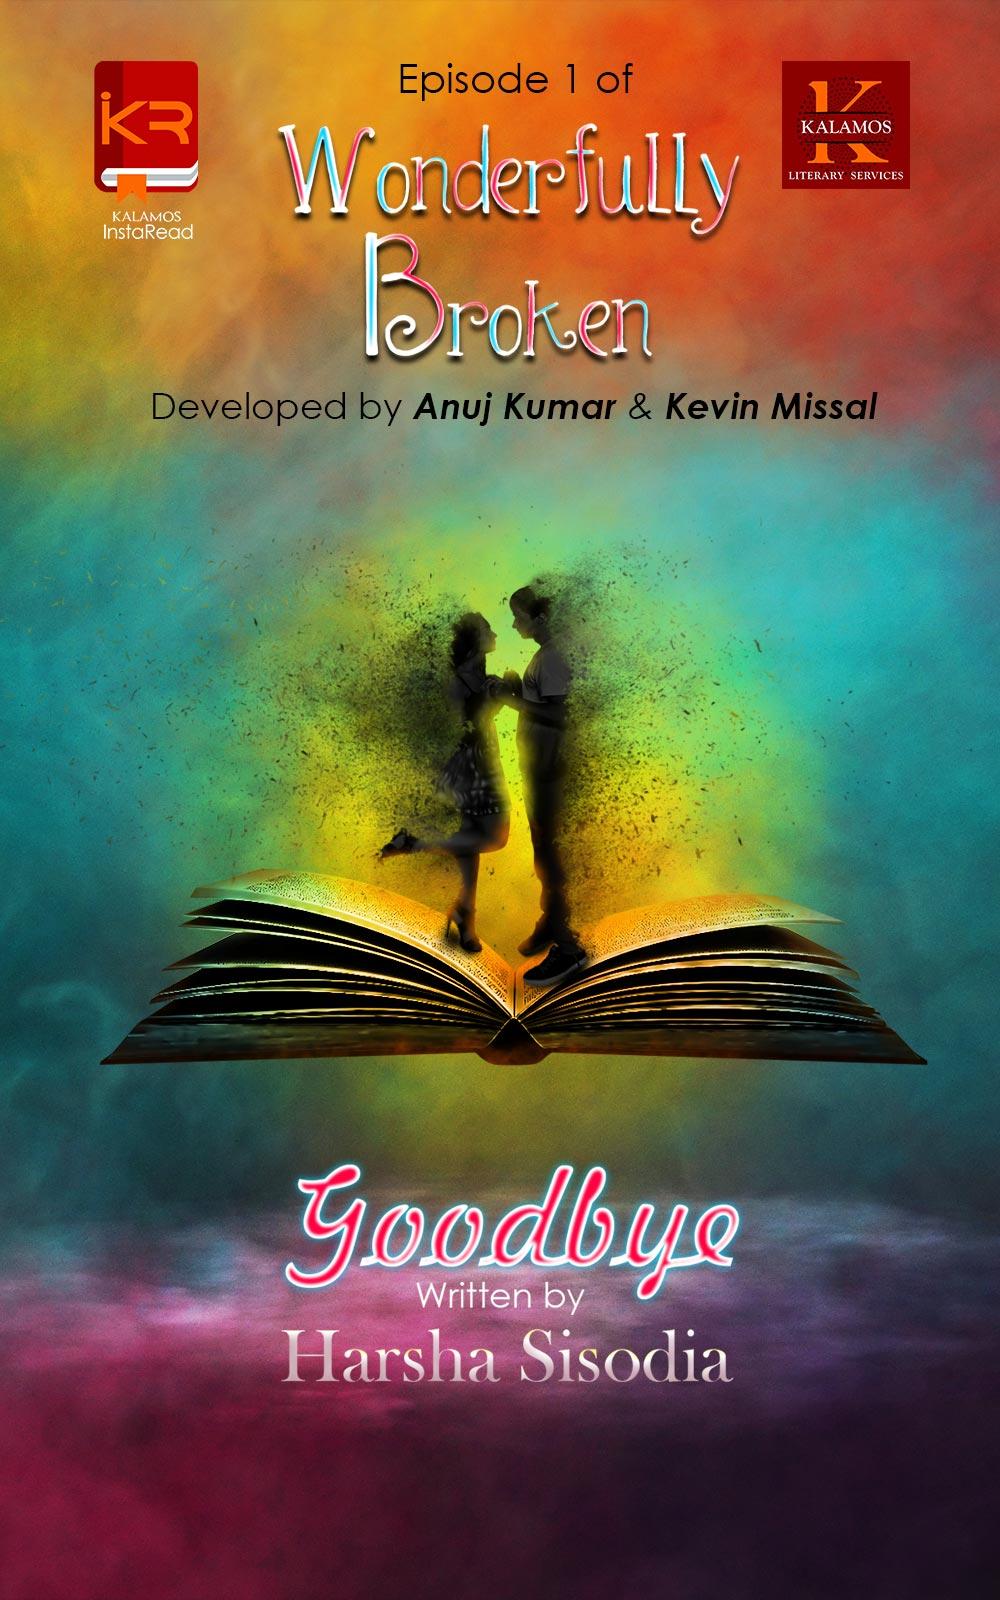 Wonderfully Broken Episode 1: Goodbye By Harsha Sisodia